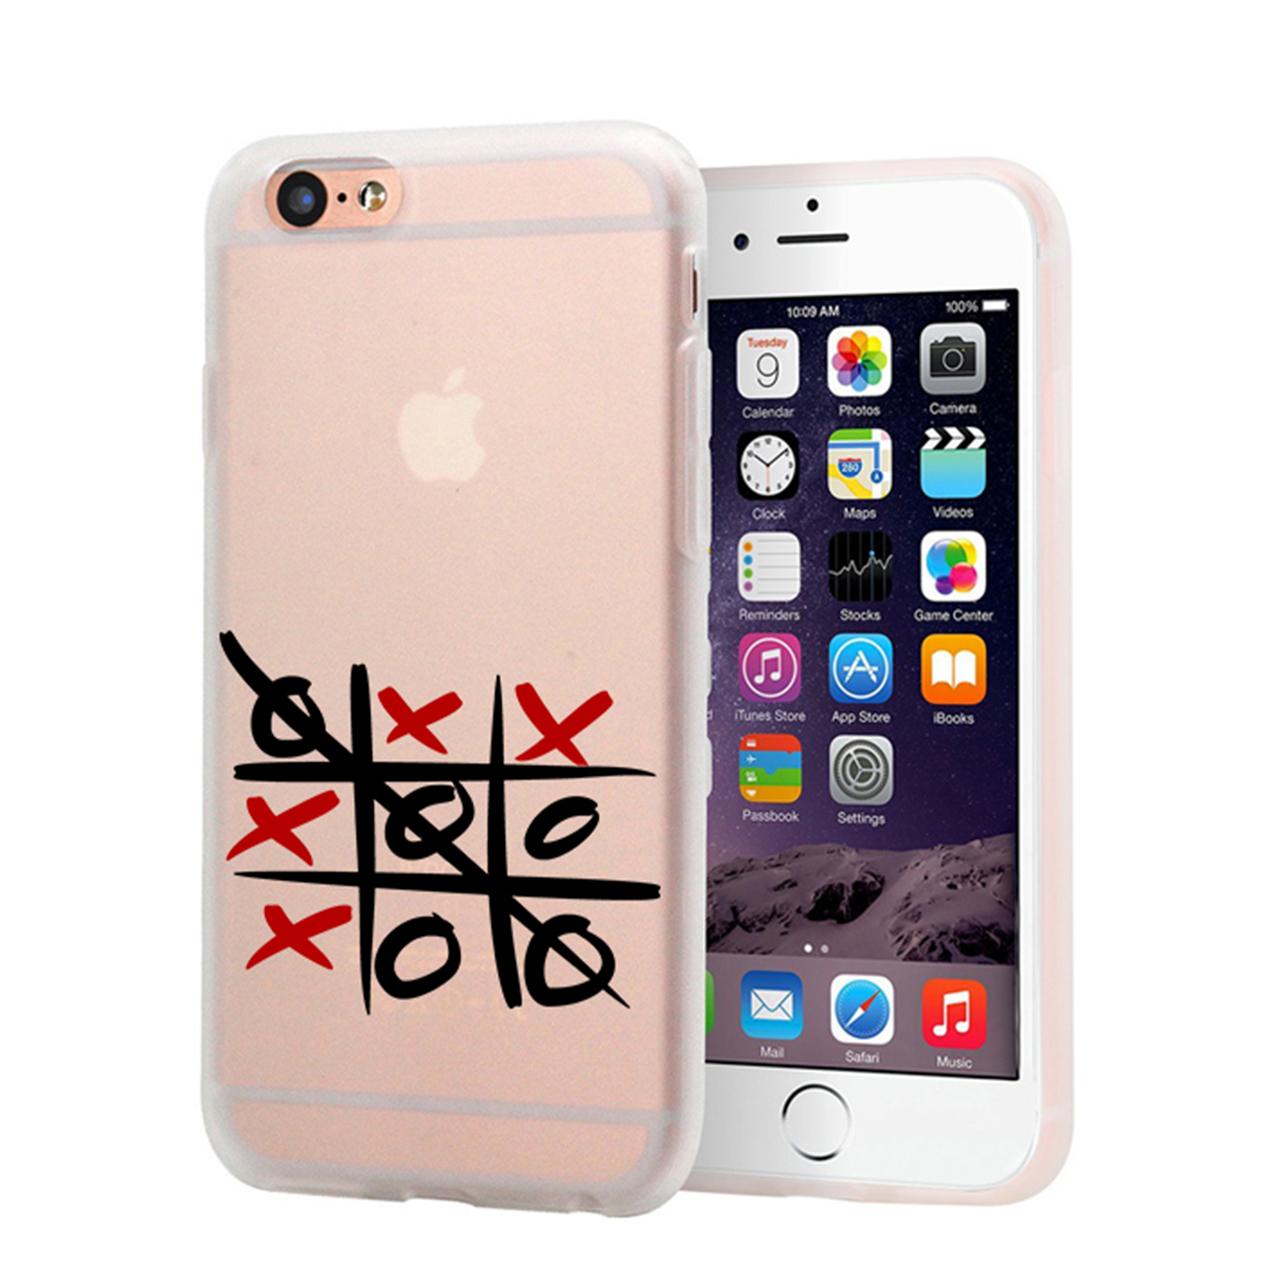 کاور کی اچ مدل 7346 مناسب برای گوشی موبایل آیفون 5، 5s و SE